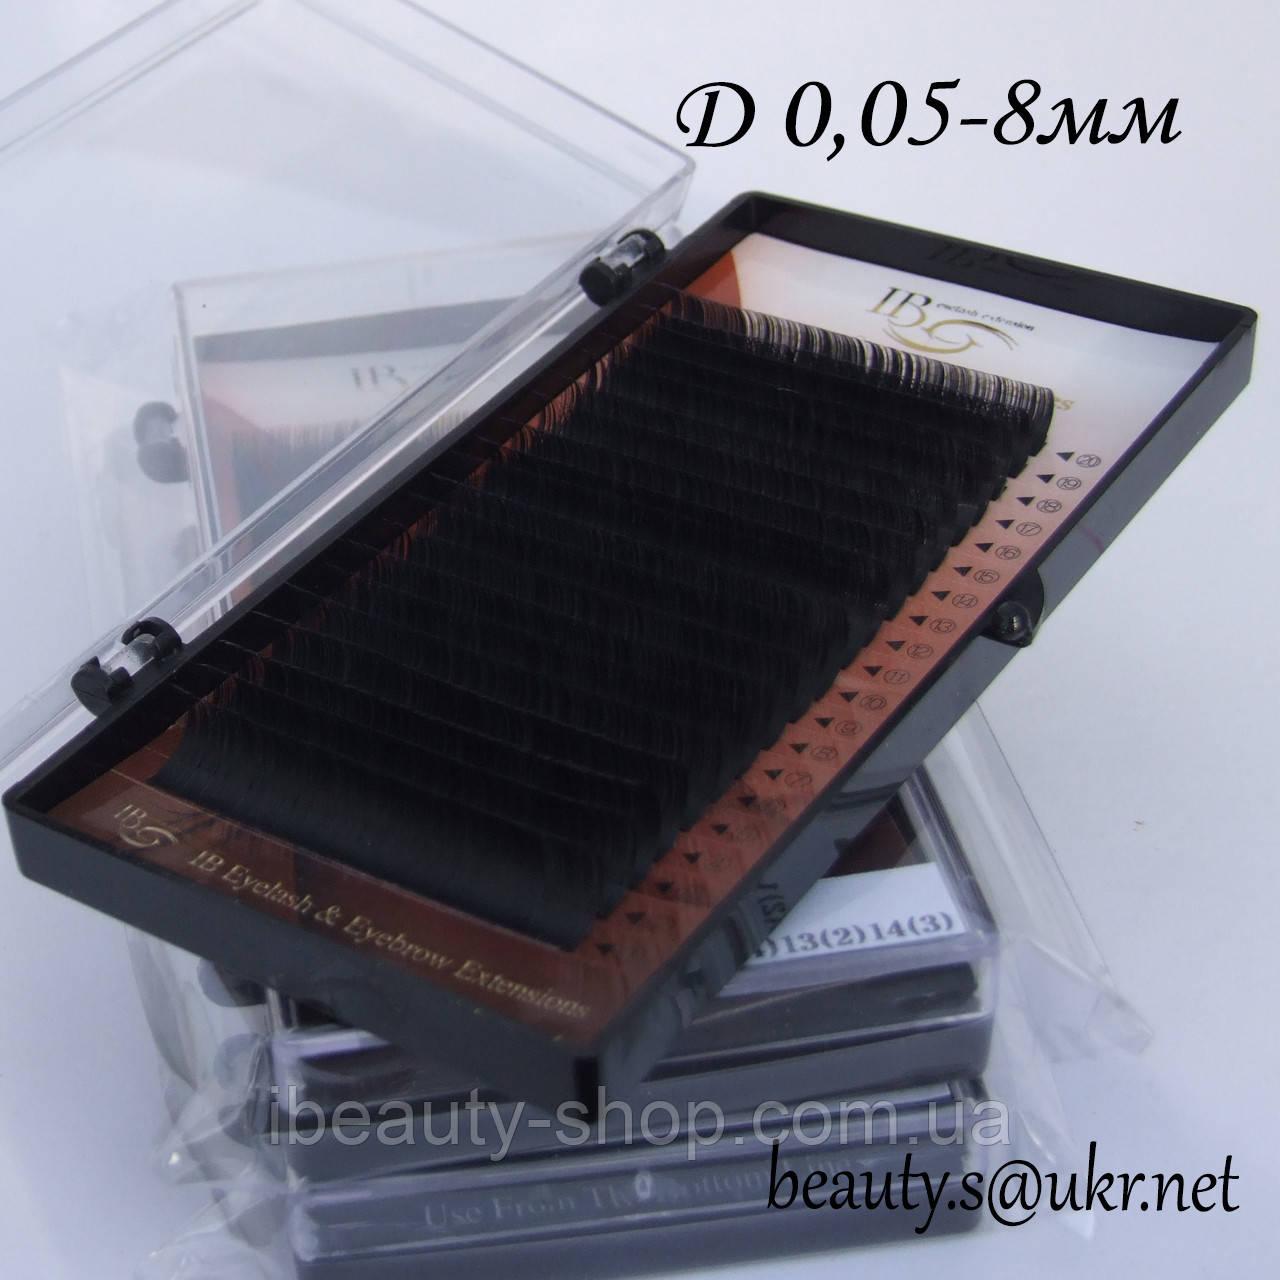 Вії I-Beauty на стрічці D-0,05 8мм